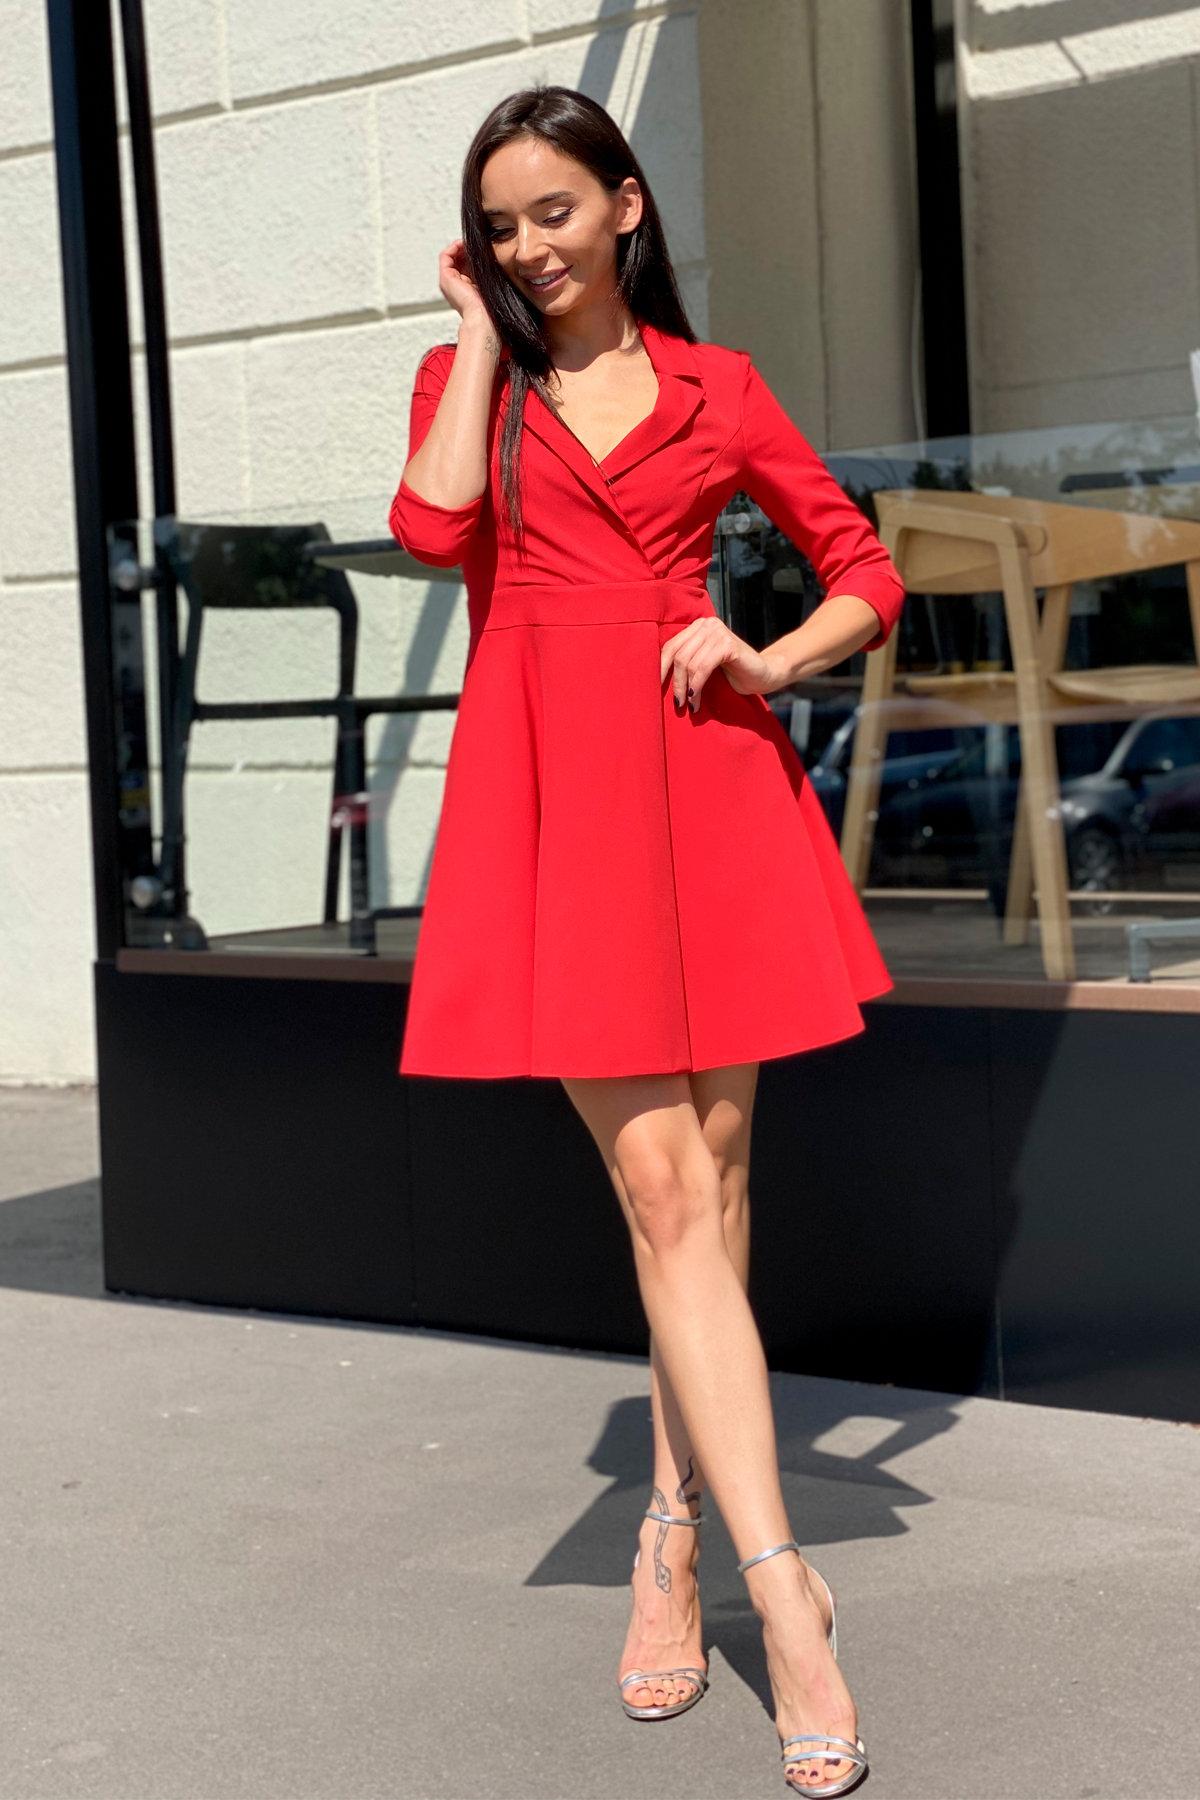 Платье Малья 7678 АРТ. 43600 Цвет: Красный - фото 1, интернет магазин tm-modus.ru